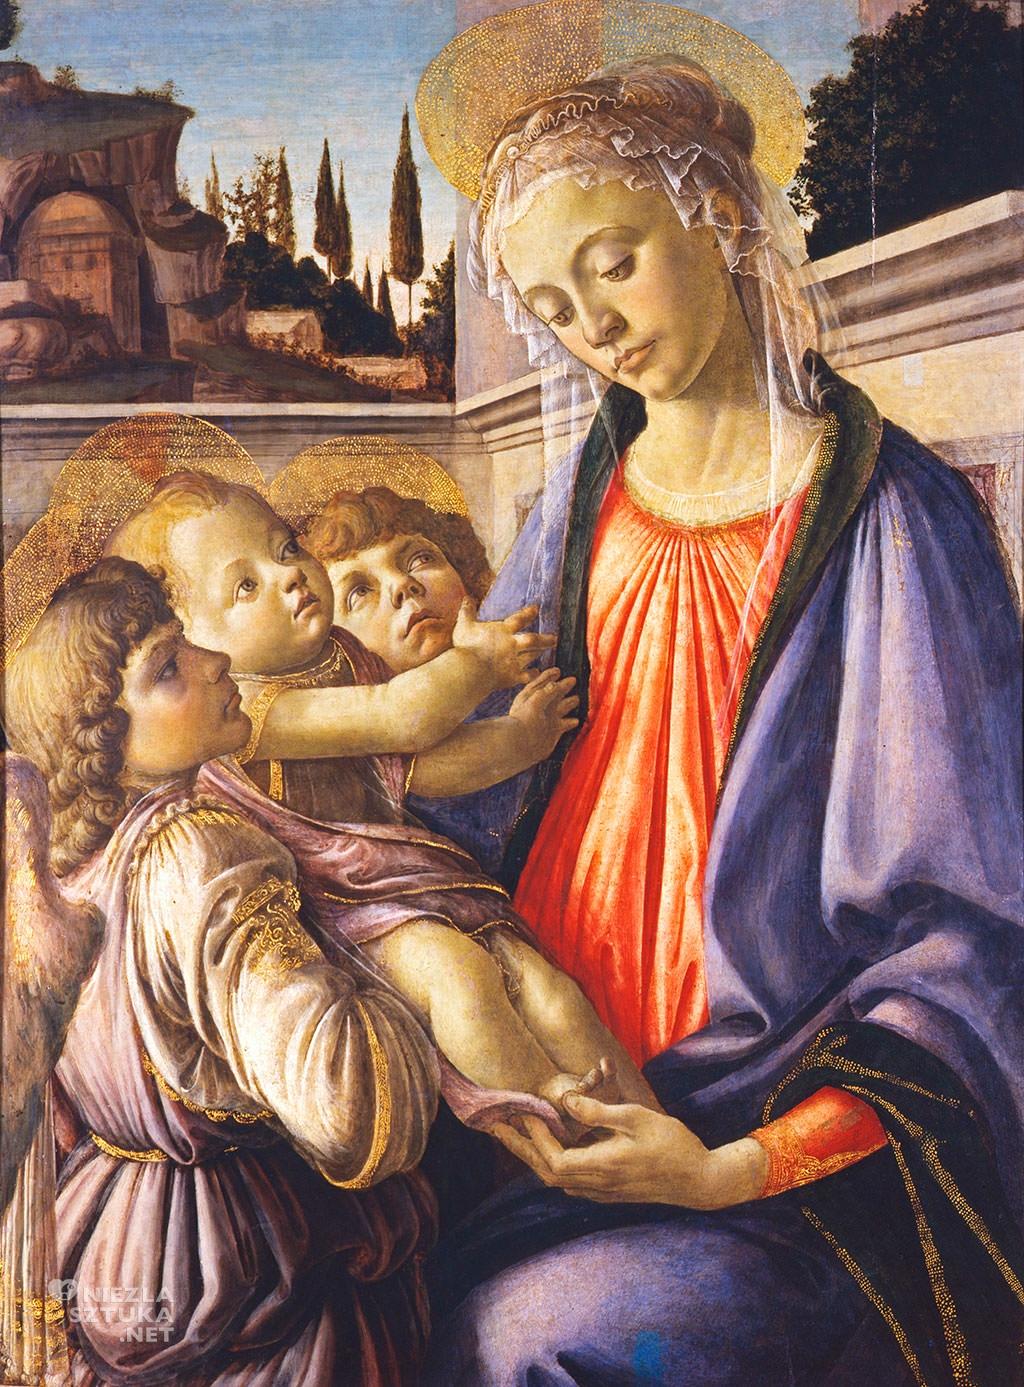 Sandro Botticelli, Madonna z Dzieciątkiem i dwoma aniołami, sztuka włoska, Niezła sztuka